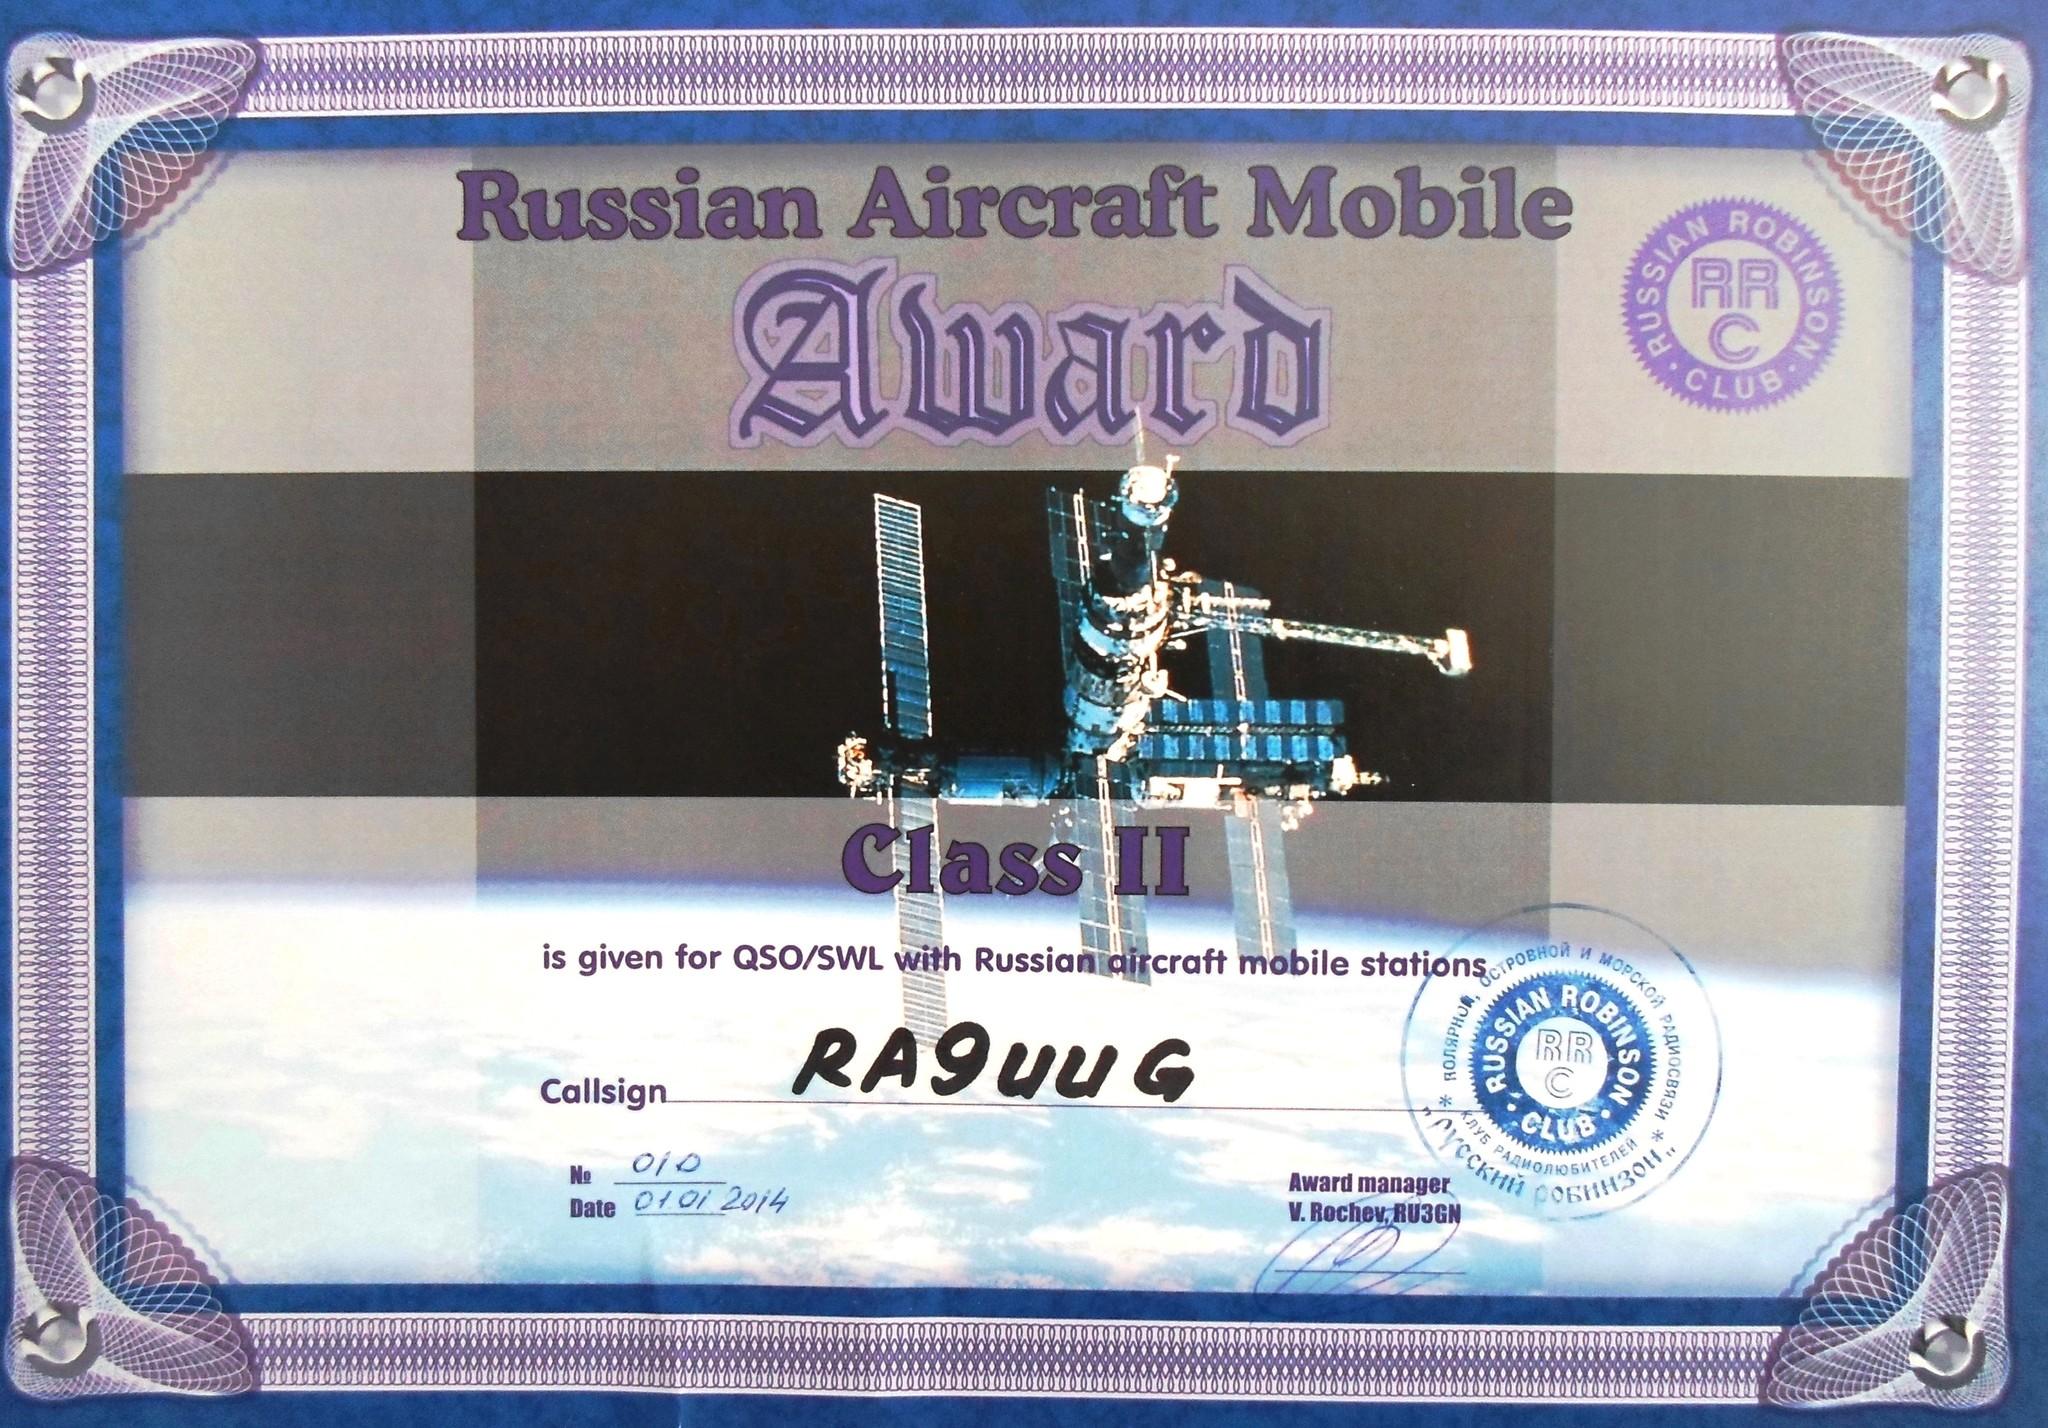 Нажмите на изображение для увеличения.  Название:RAMA Class 2.JPG Просмотров:82 Размер:742.2 Кб ID:126078